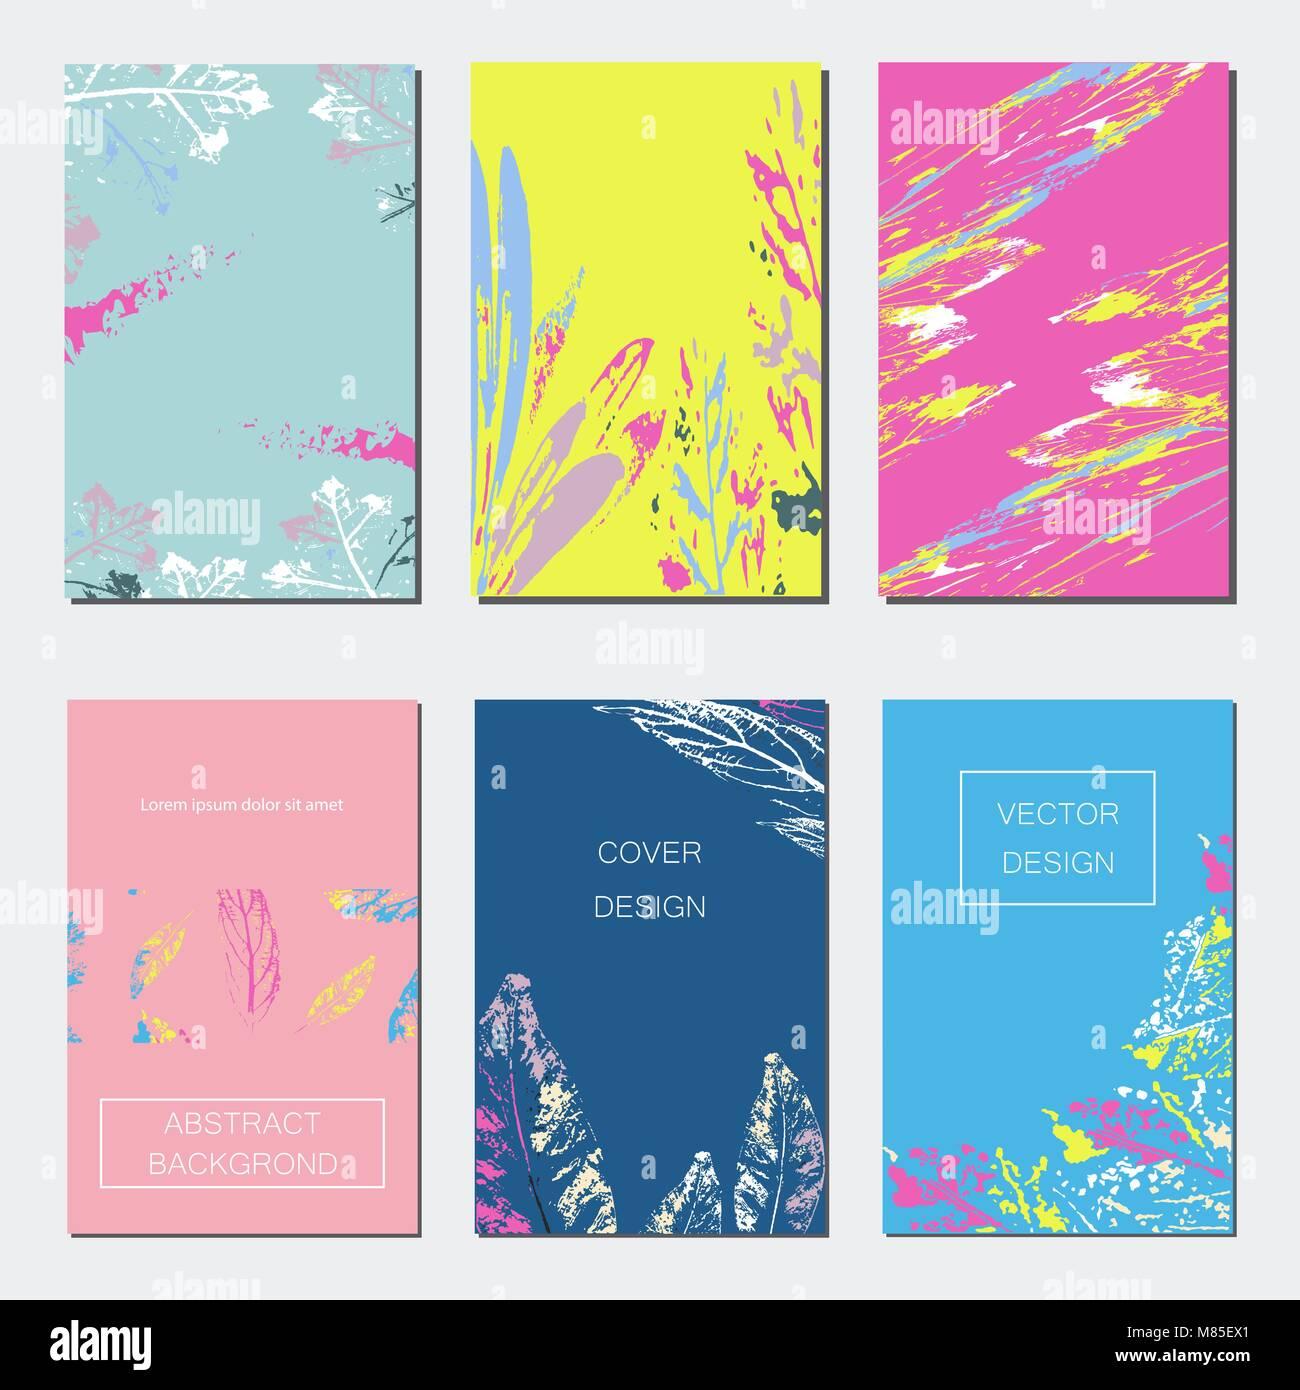 Handgezeichneten Texturen. Hochzeit, Jubiläum, Geburtstag, Valentinstag,  Party. Design Für Poster, Karten, Einladung, Plakat, Broschüre, Flyer.  Vektor.